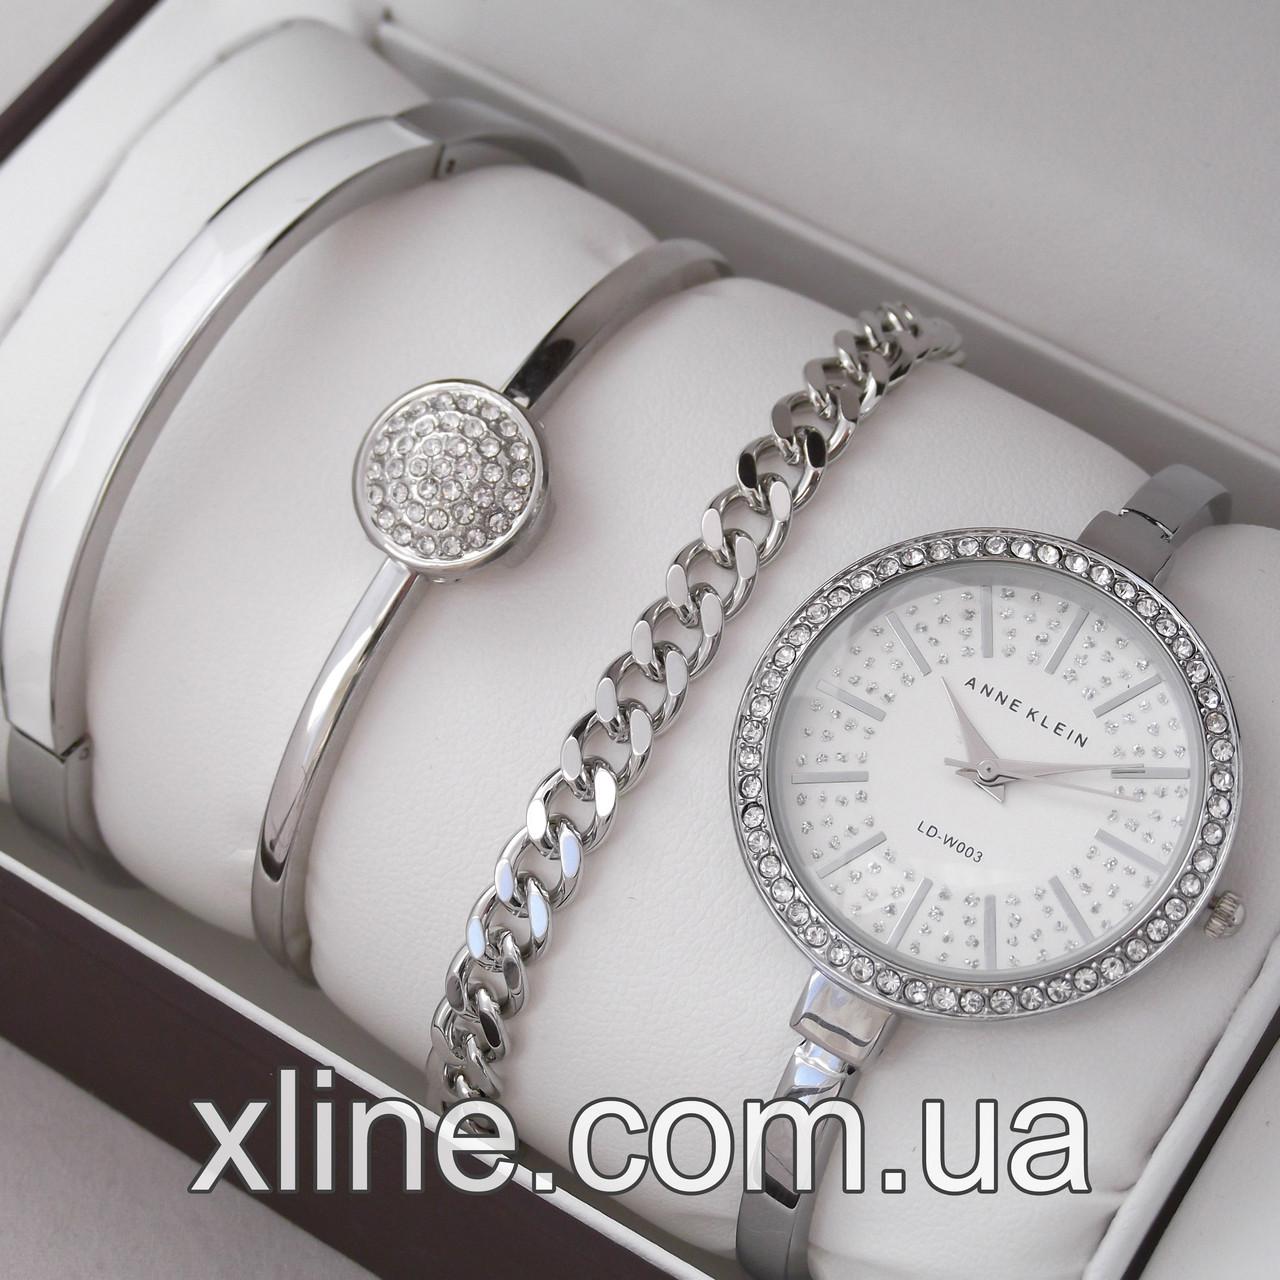 Жіночий наручний годинник Anne Klein M181 на металевому браслеті